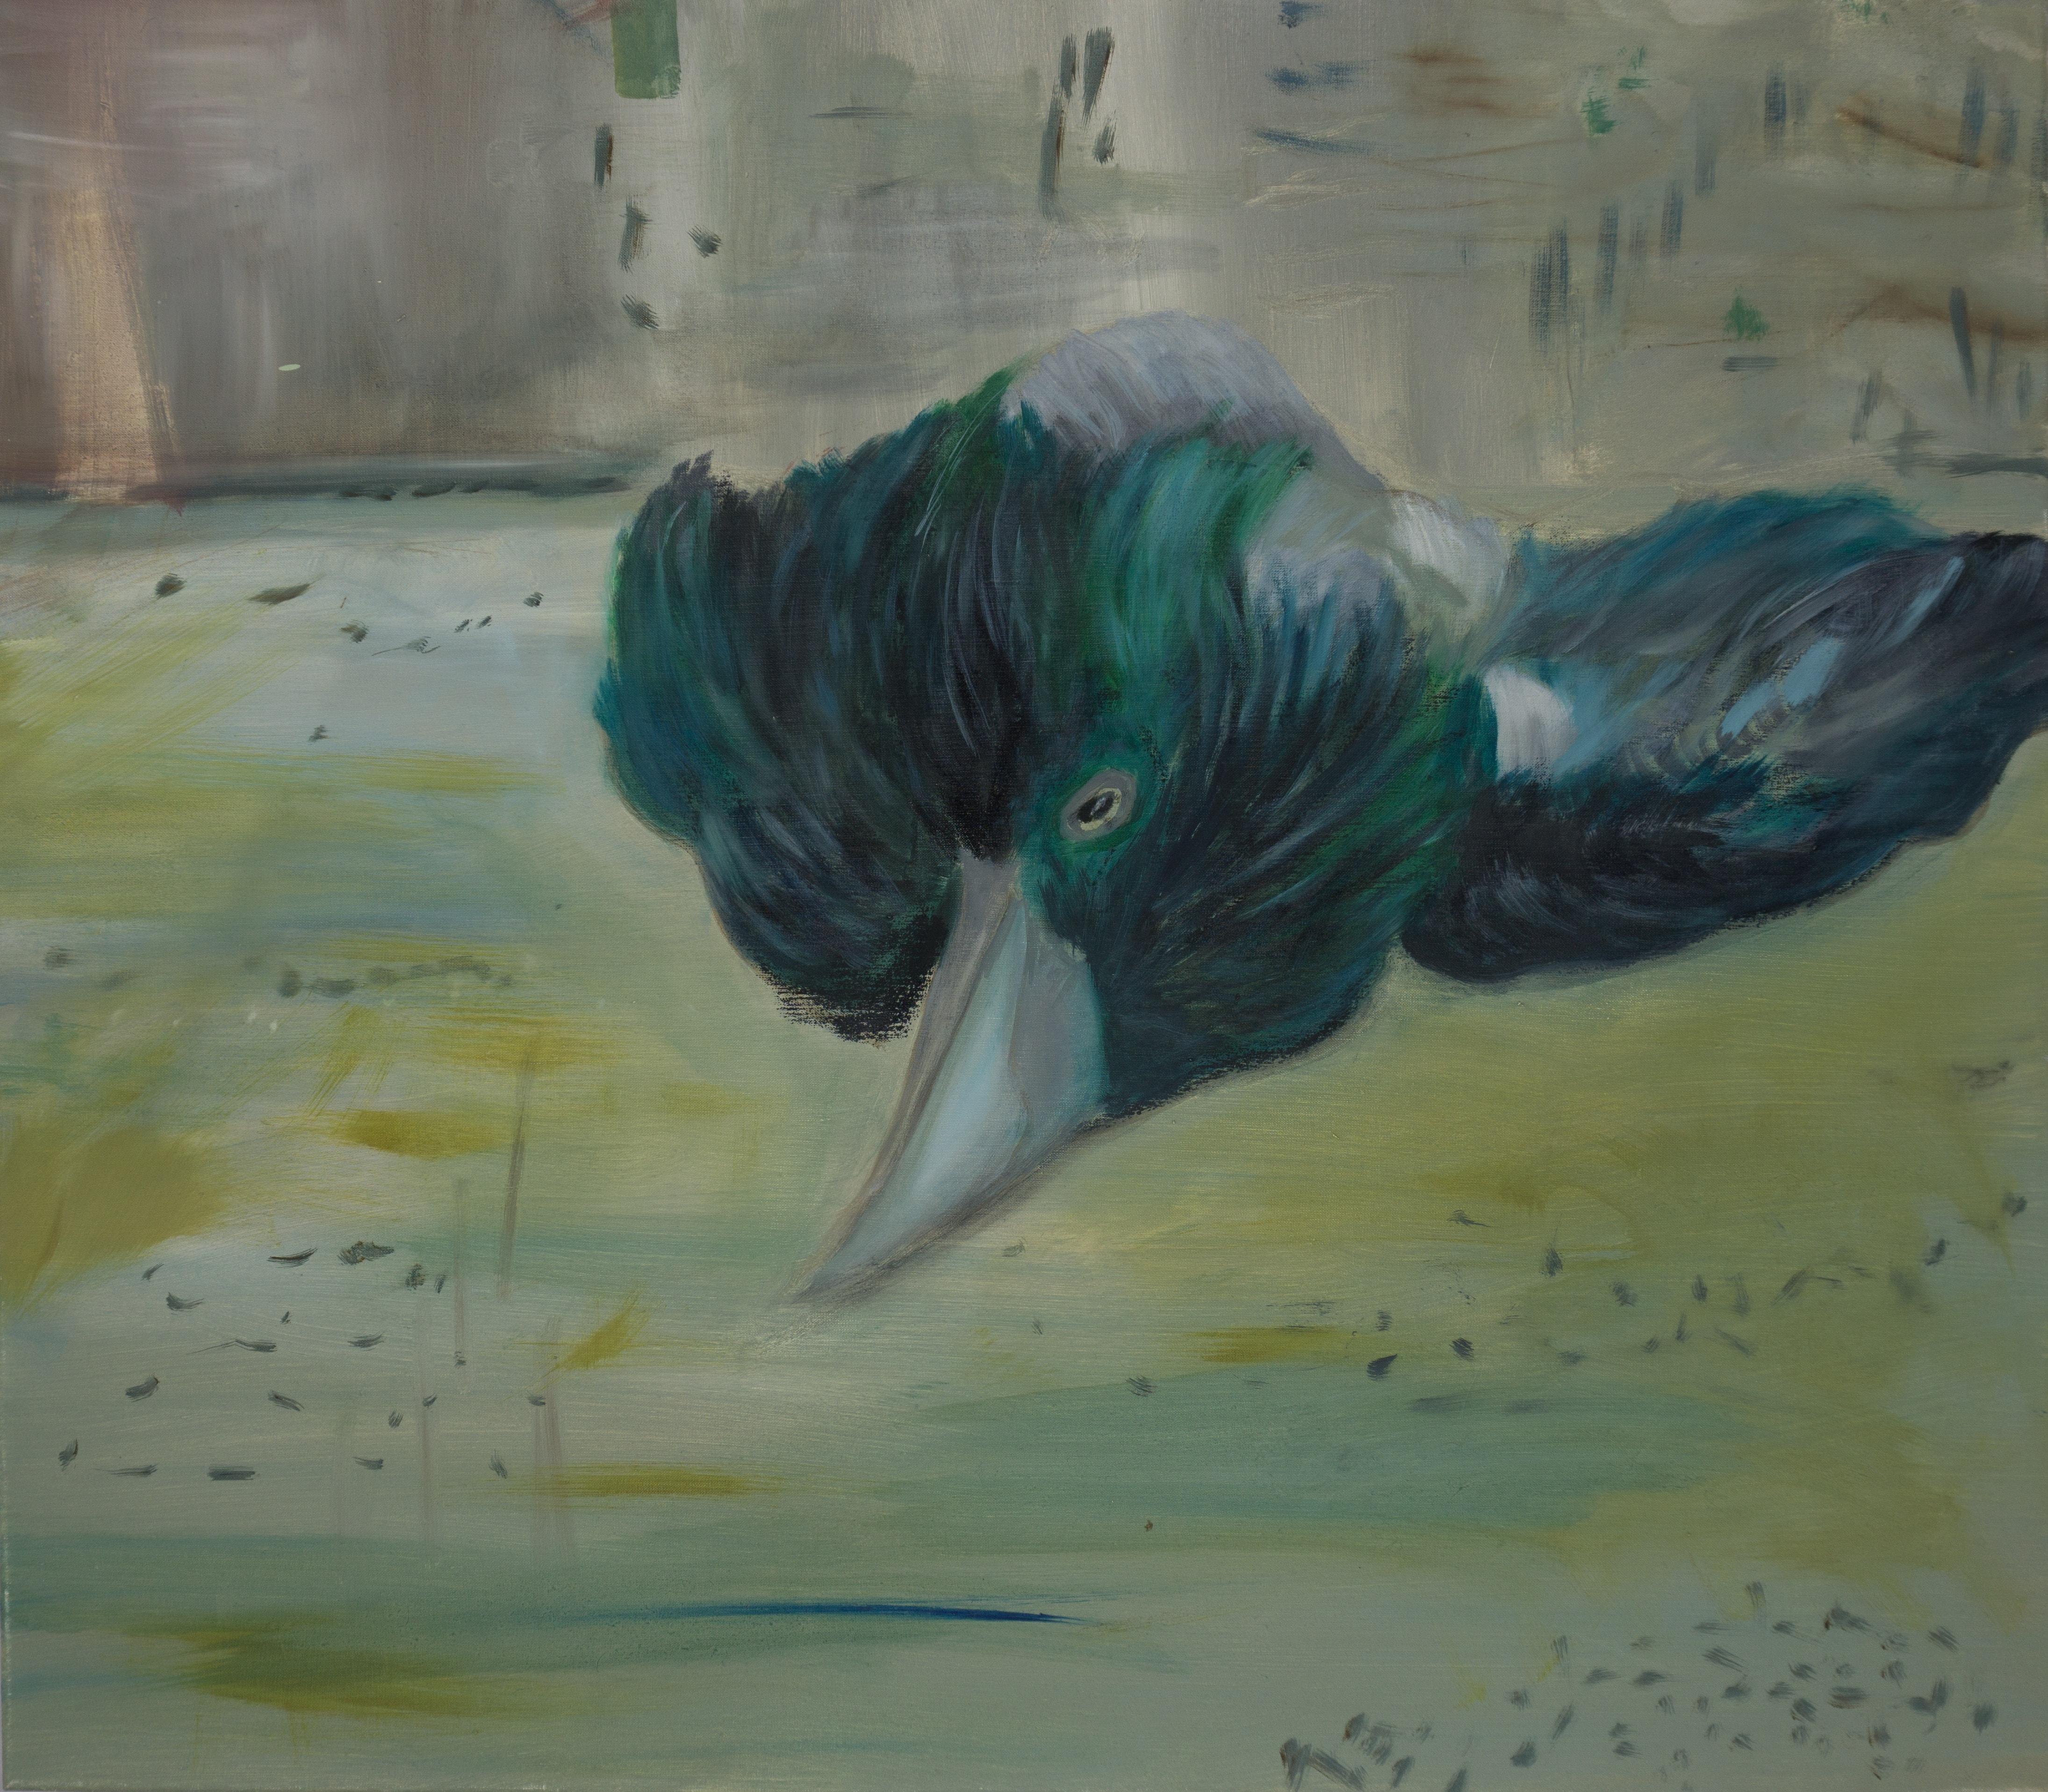 Malerei, Öl auf Leinwand, 80cm x 70cm, Toter Vogel, artist: Franziska King